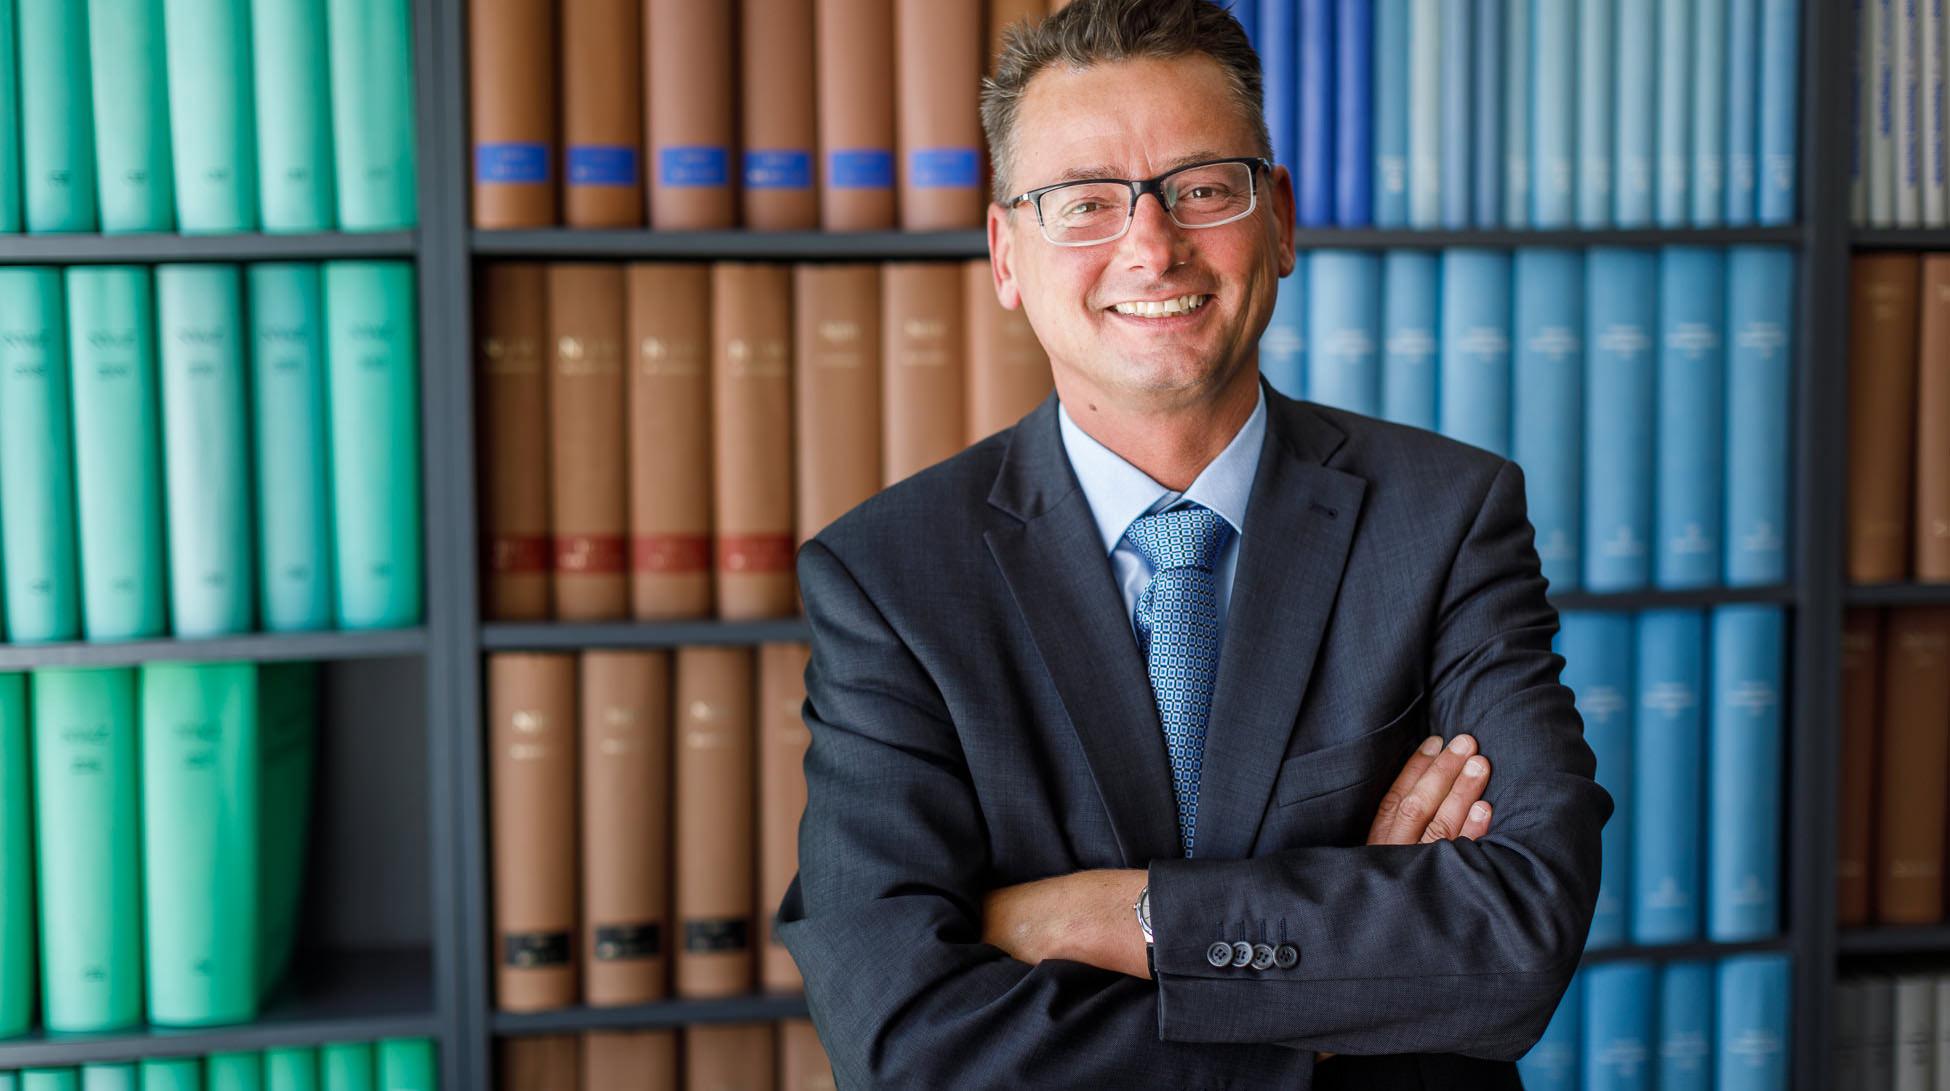 Rechtsanwalt Dr Neumann Anwaltskanzlei Gunzenhausen – Ich stehe Ihnen im Behördendschungel bei.